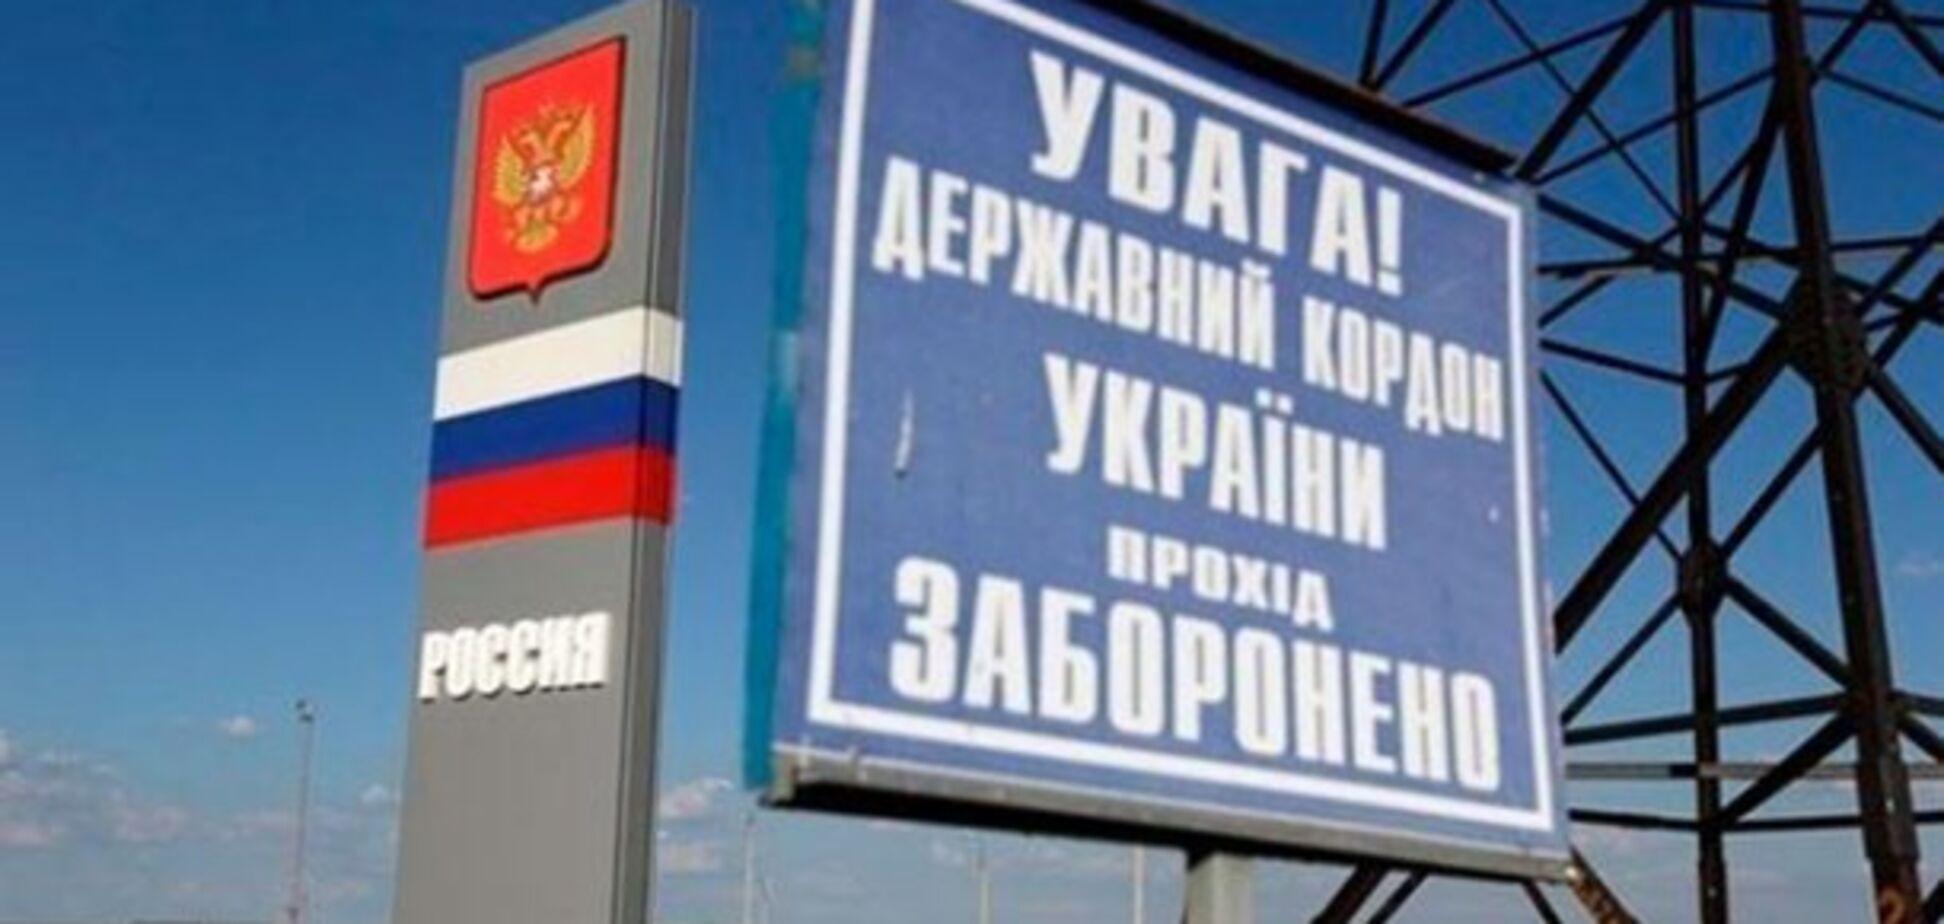 Спецанкета и биометрика: в РФ рассказали о жестких правилах для россиян в Украине